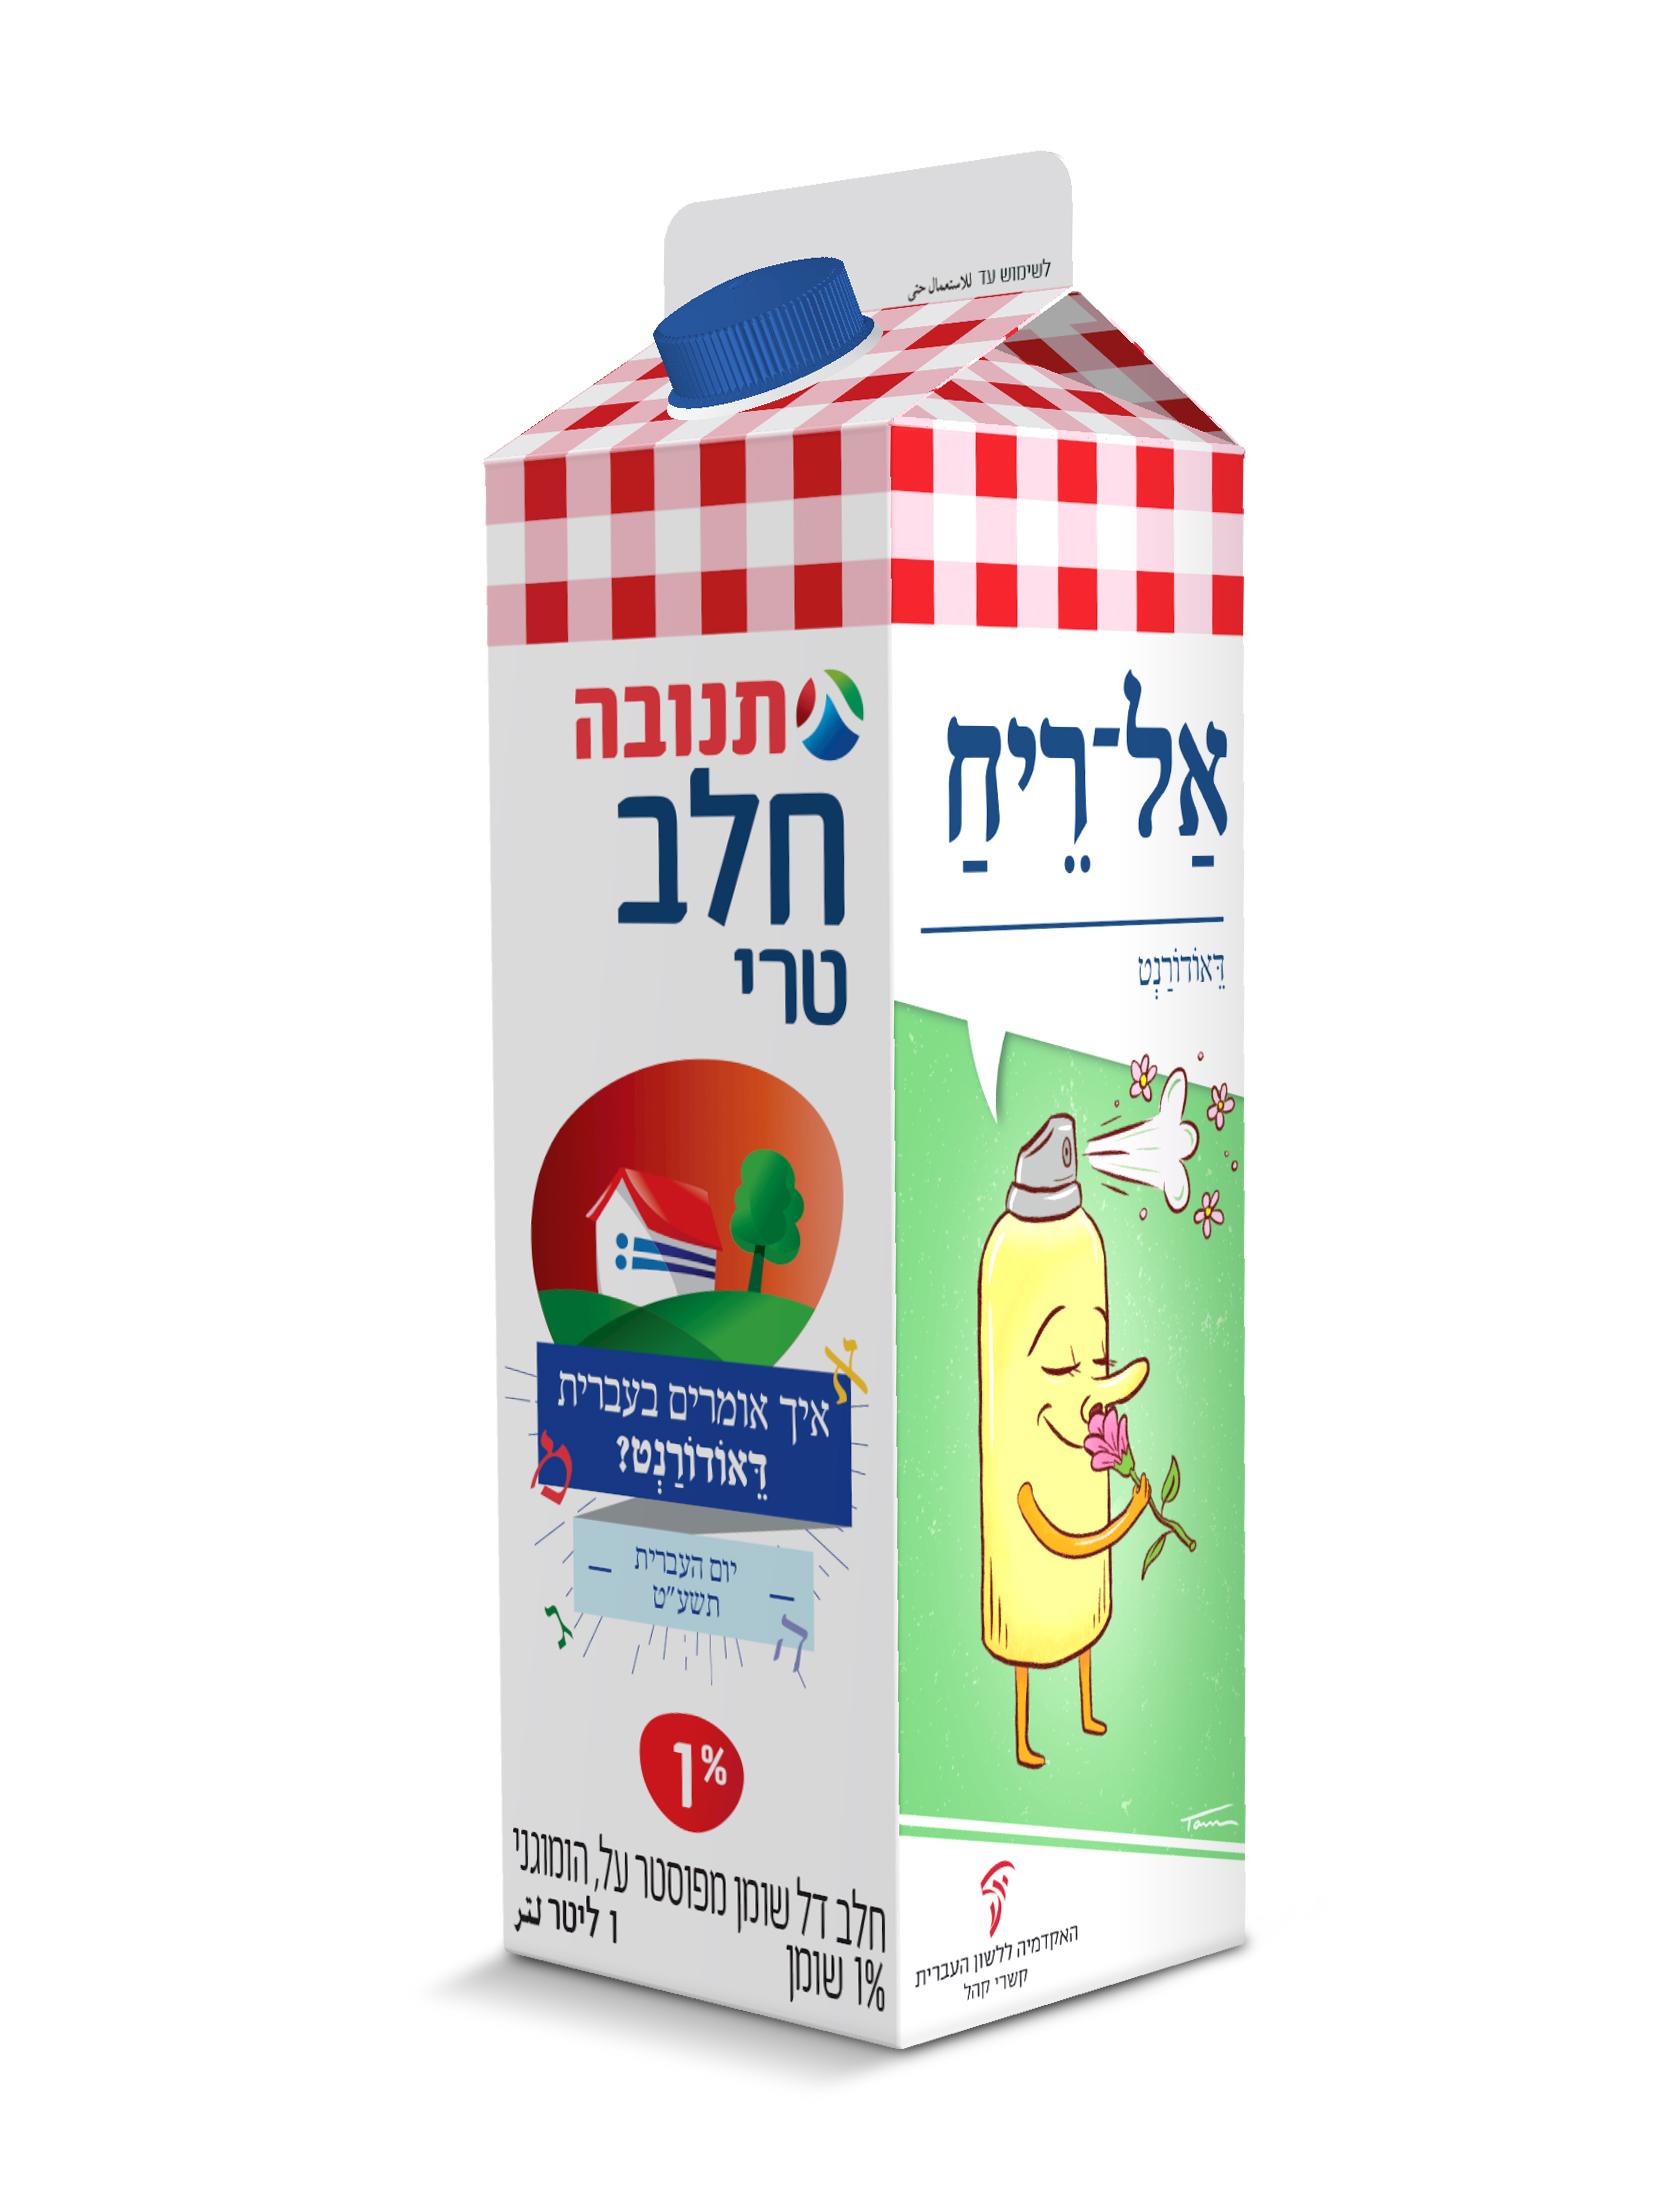 """צילום קרטון חלב יום העברית תשע""""ט - איור מילה """"אל־ריח"""""""